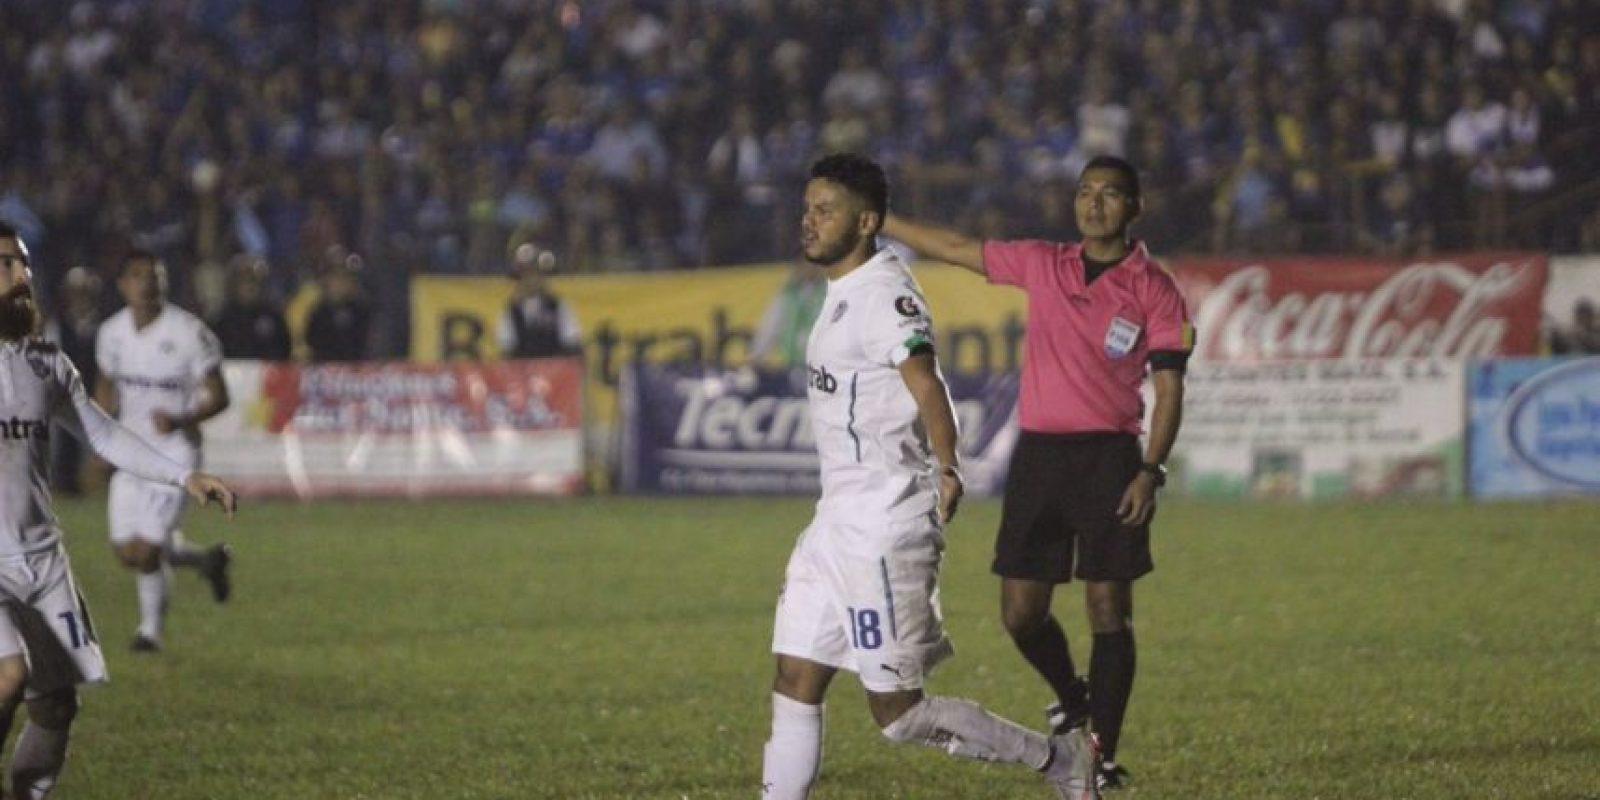 Los blancos se colocaron a 90 minutos de avanzar a las semifinales del Apertura 2016. Foto:Comunicaciones FC